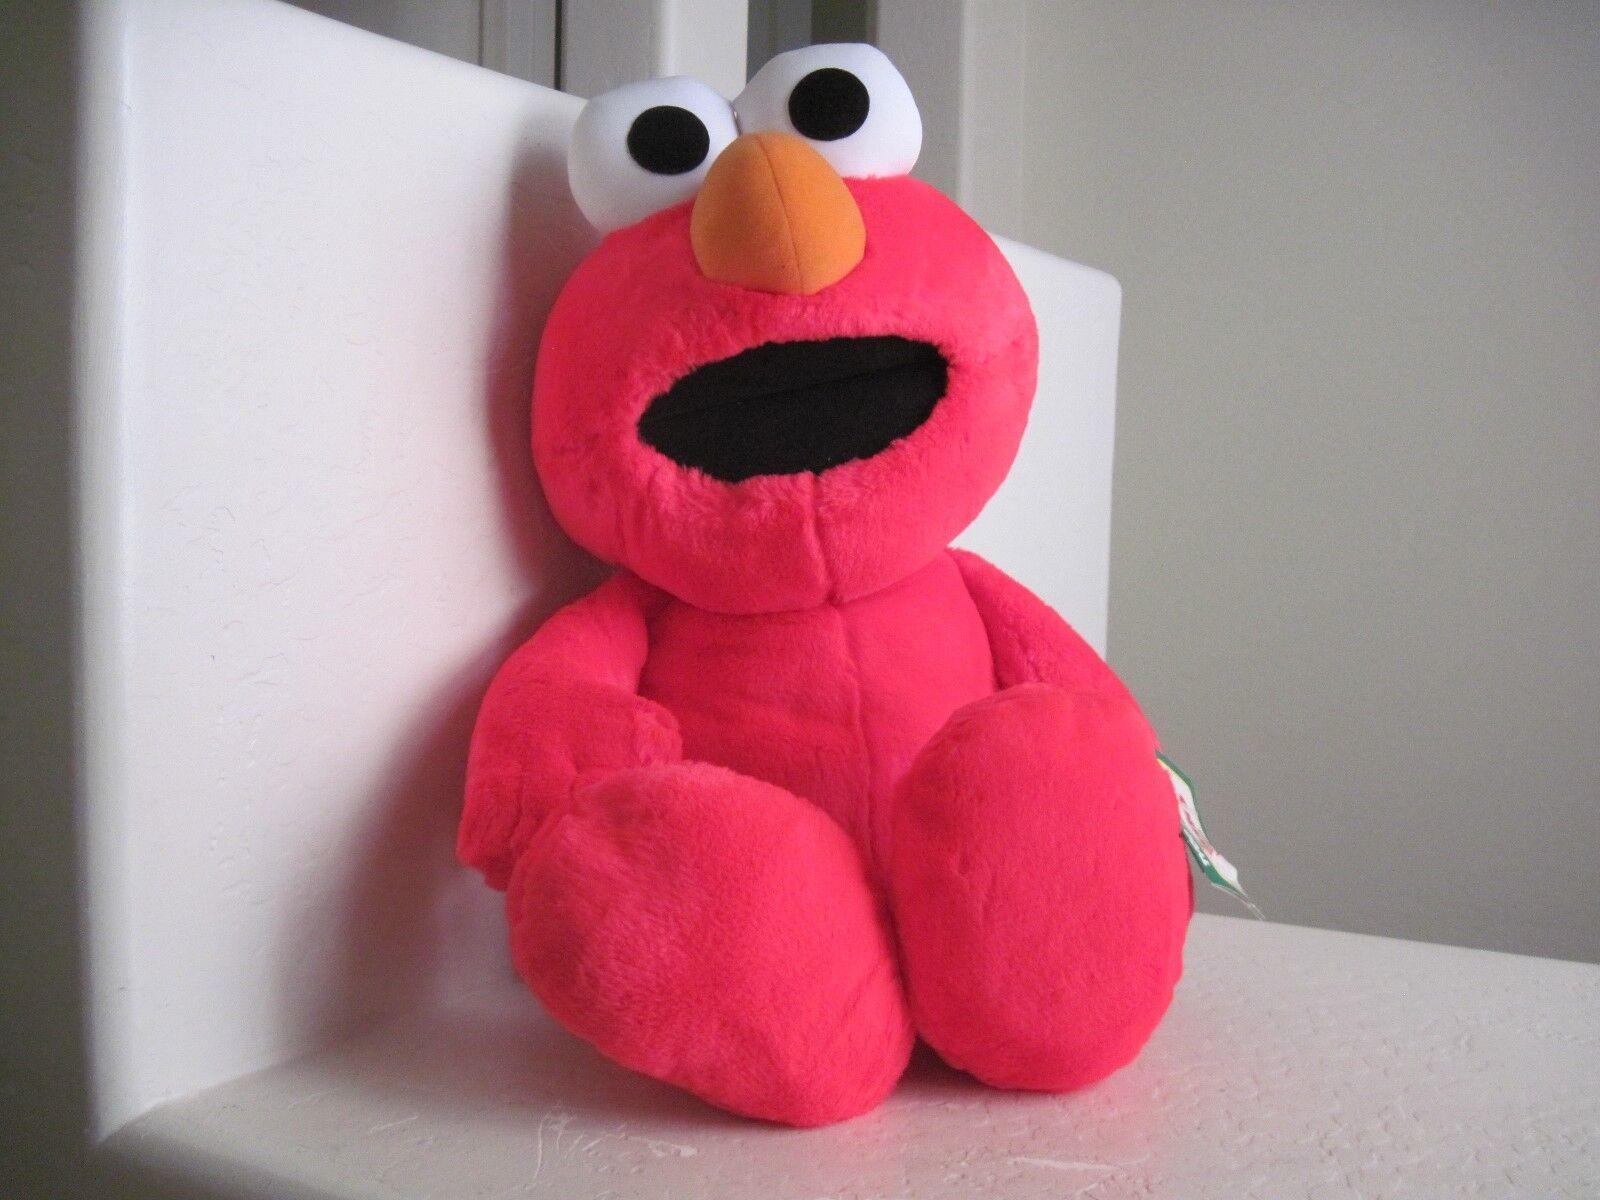 GIANT Tyco Sesame Street ELMO Plush 27  Stuffed Animal